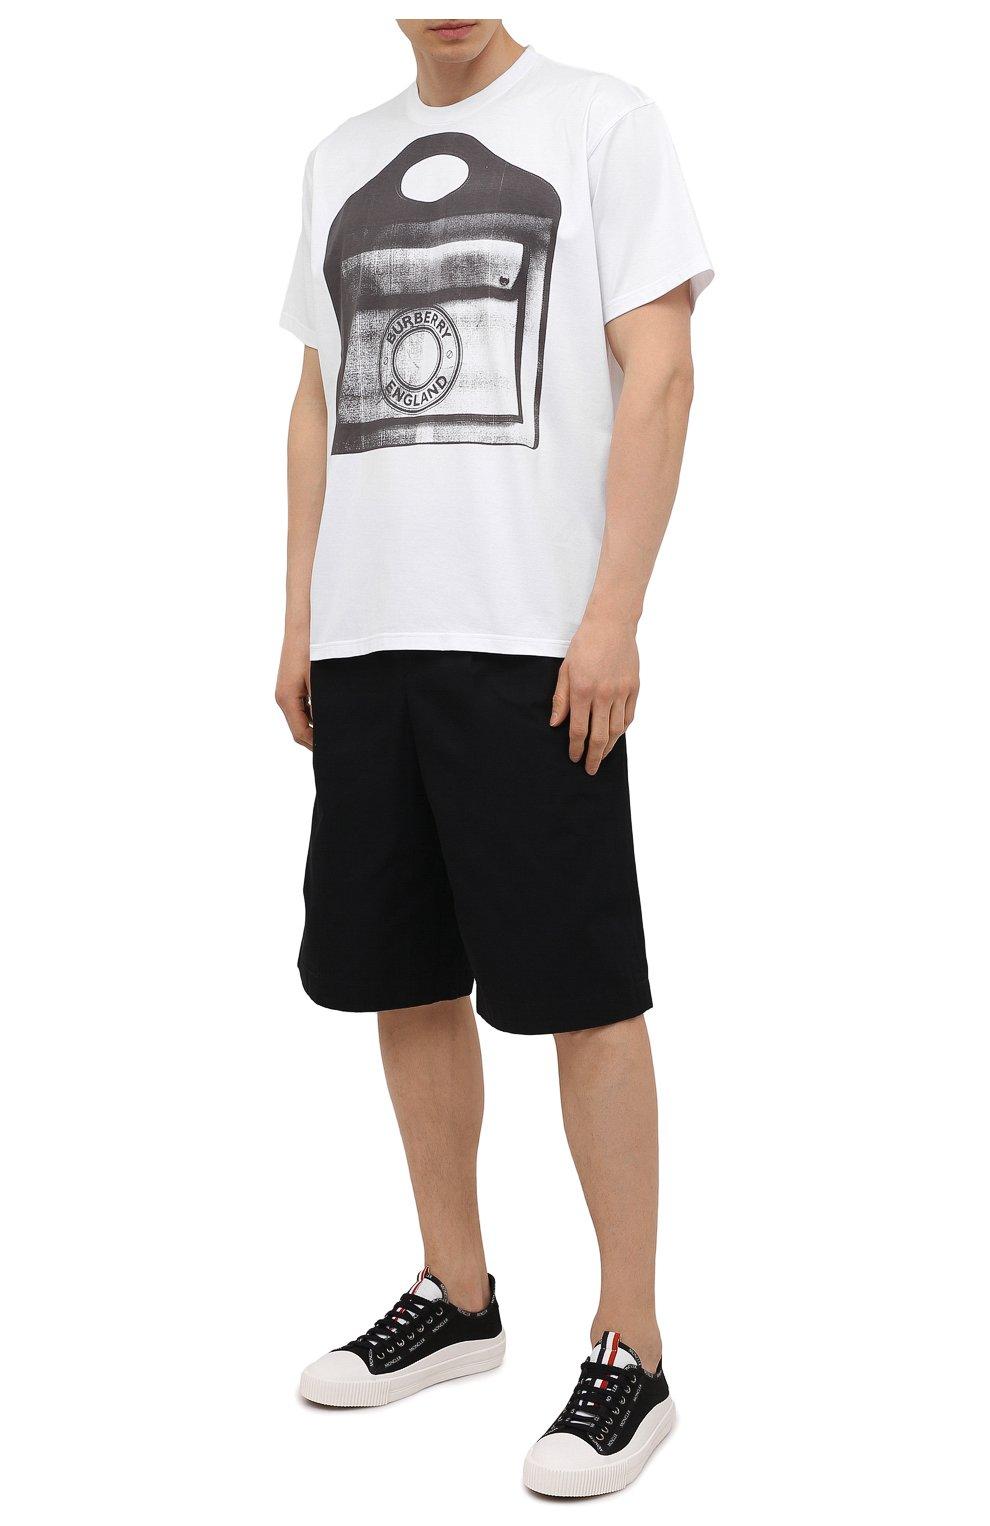 Мужские текстильные кеды MONCLER черно-белого цвета, арт. G1-09A-4M738-40-02SS9 | Фото 2 (Материал внешний: Текстиль; Материал внутренний: Натуральная кожа, Текстиль; Подошва: Плоская)